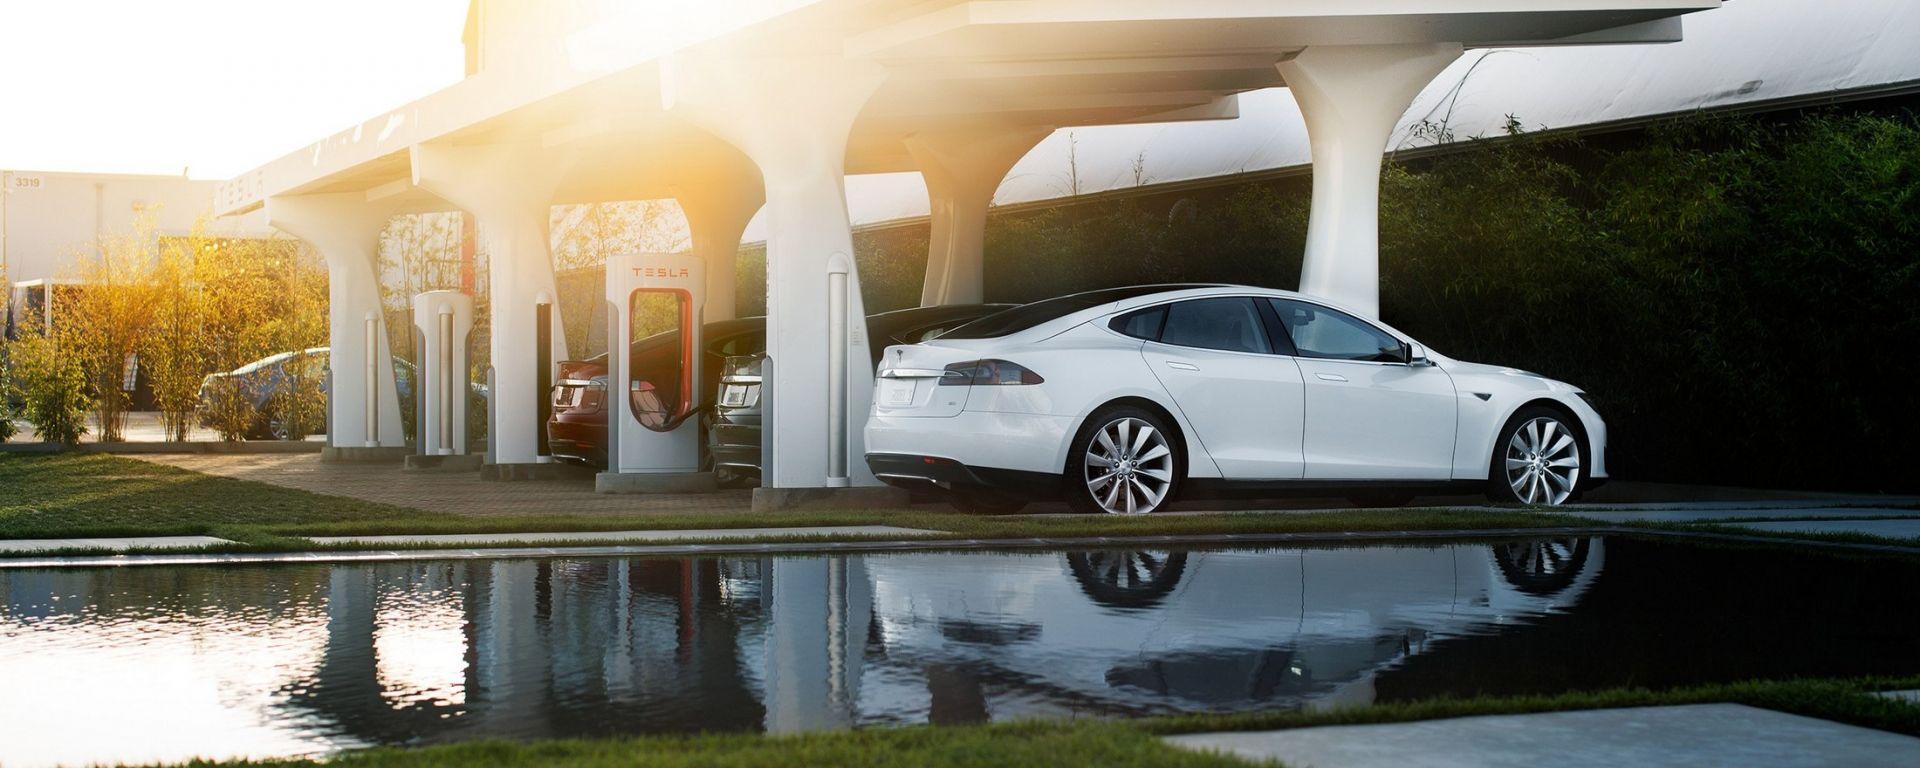 Auto elettriche ed ibride plug-in: nel mondo ne circolano 2 milioni